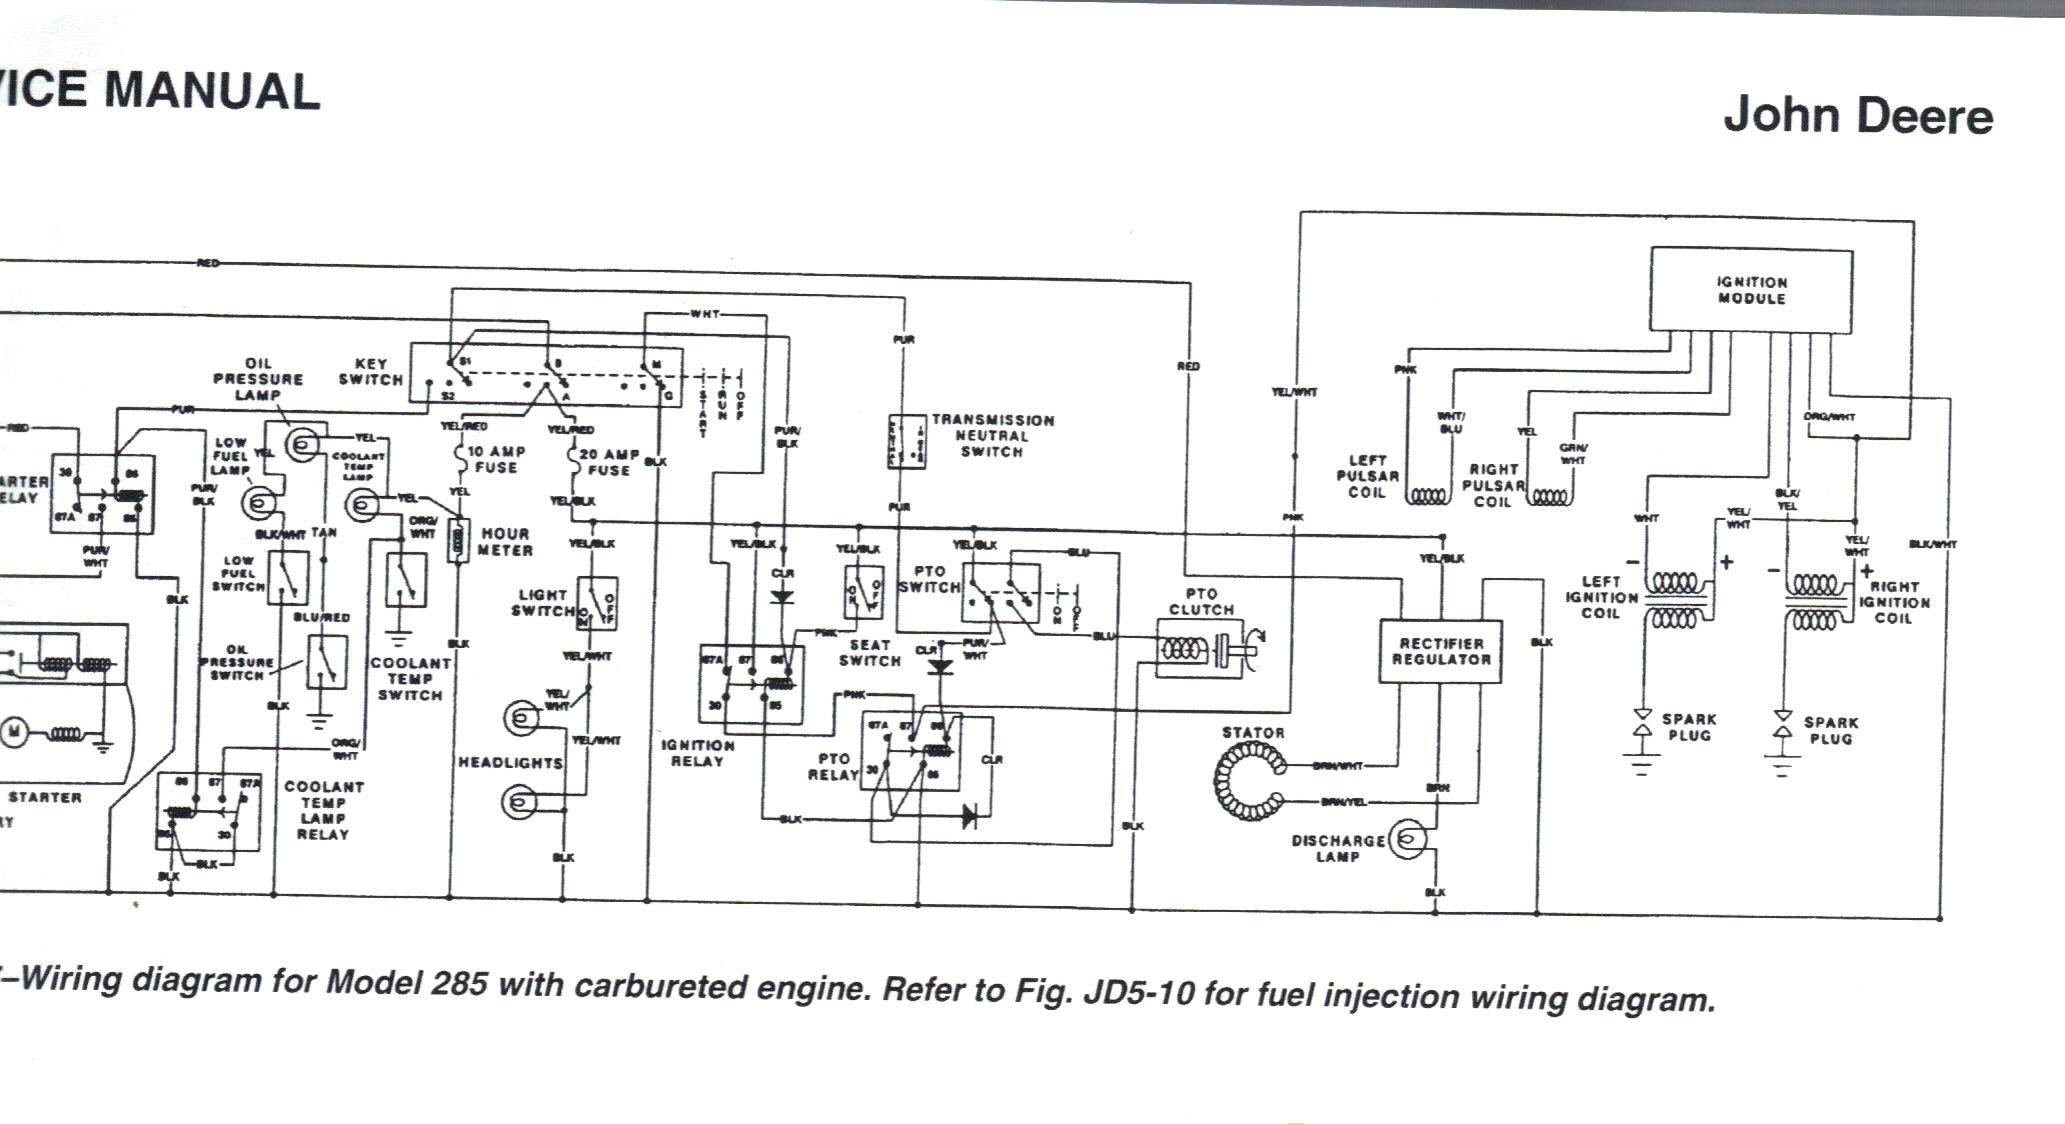 John Deere 4020 Starter Wiring Diagram 4 Wire Ceiling Fan Switch Wiring Diagram Lorestanfo Of John Deere 4020 Starter Wiring Diagram